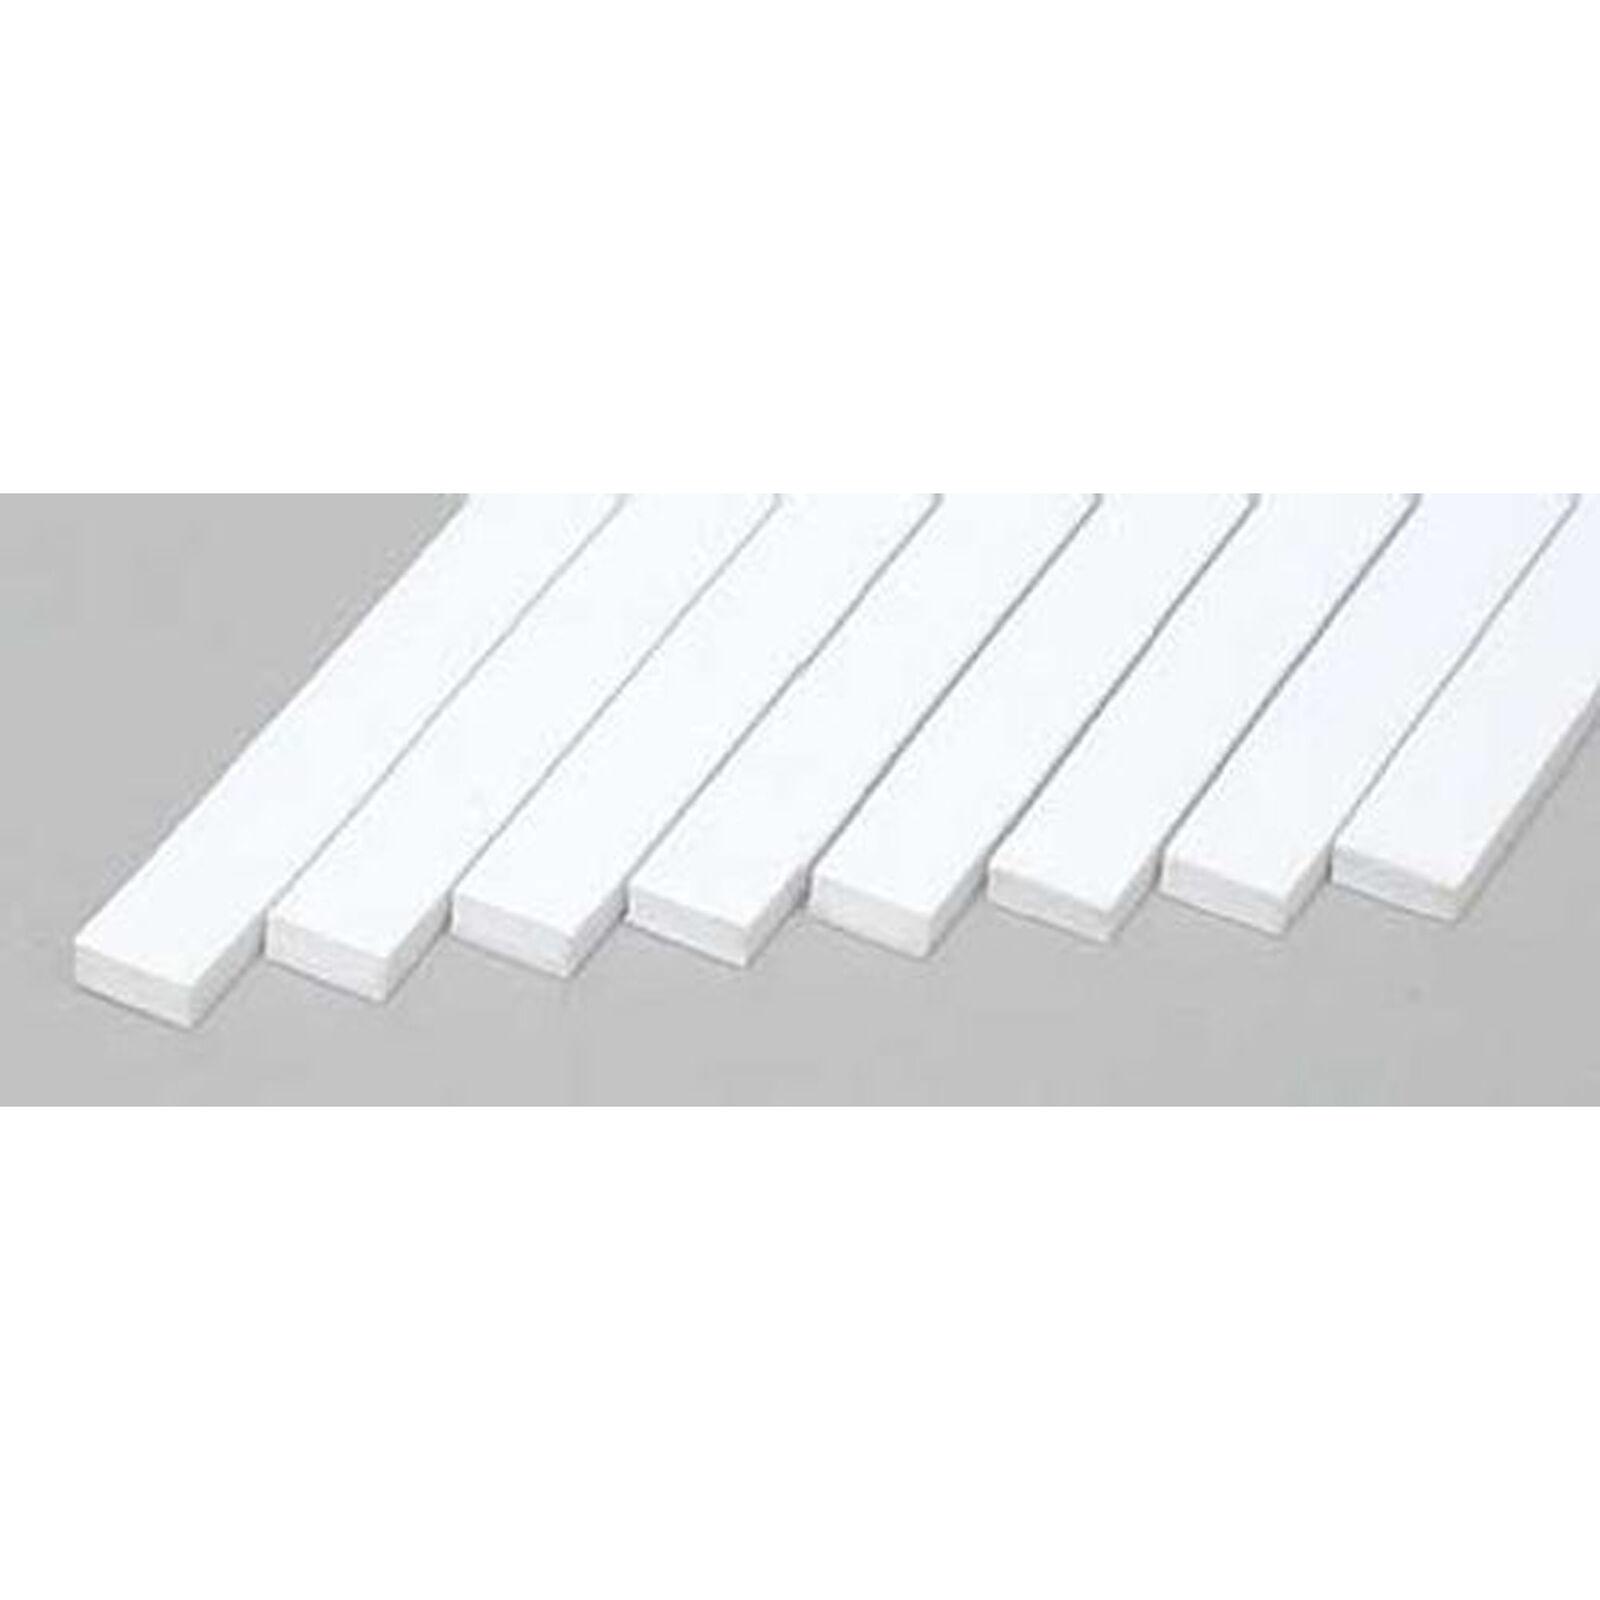 Strip .080 x .188 (8)